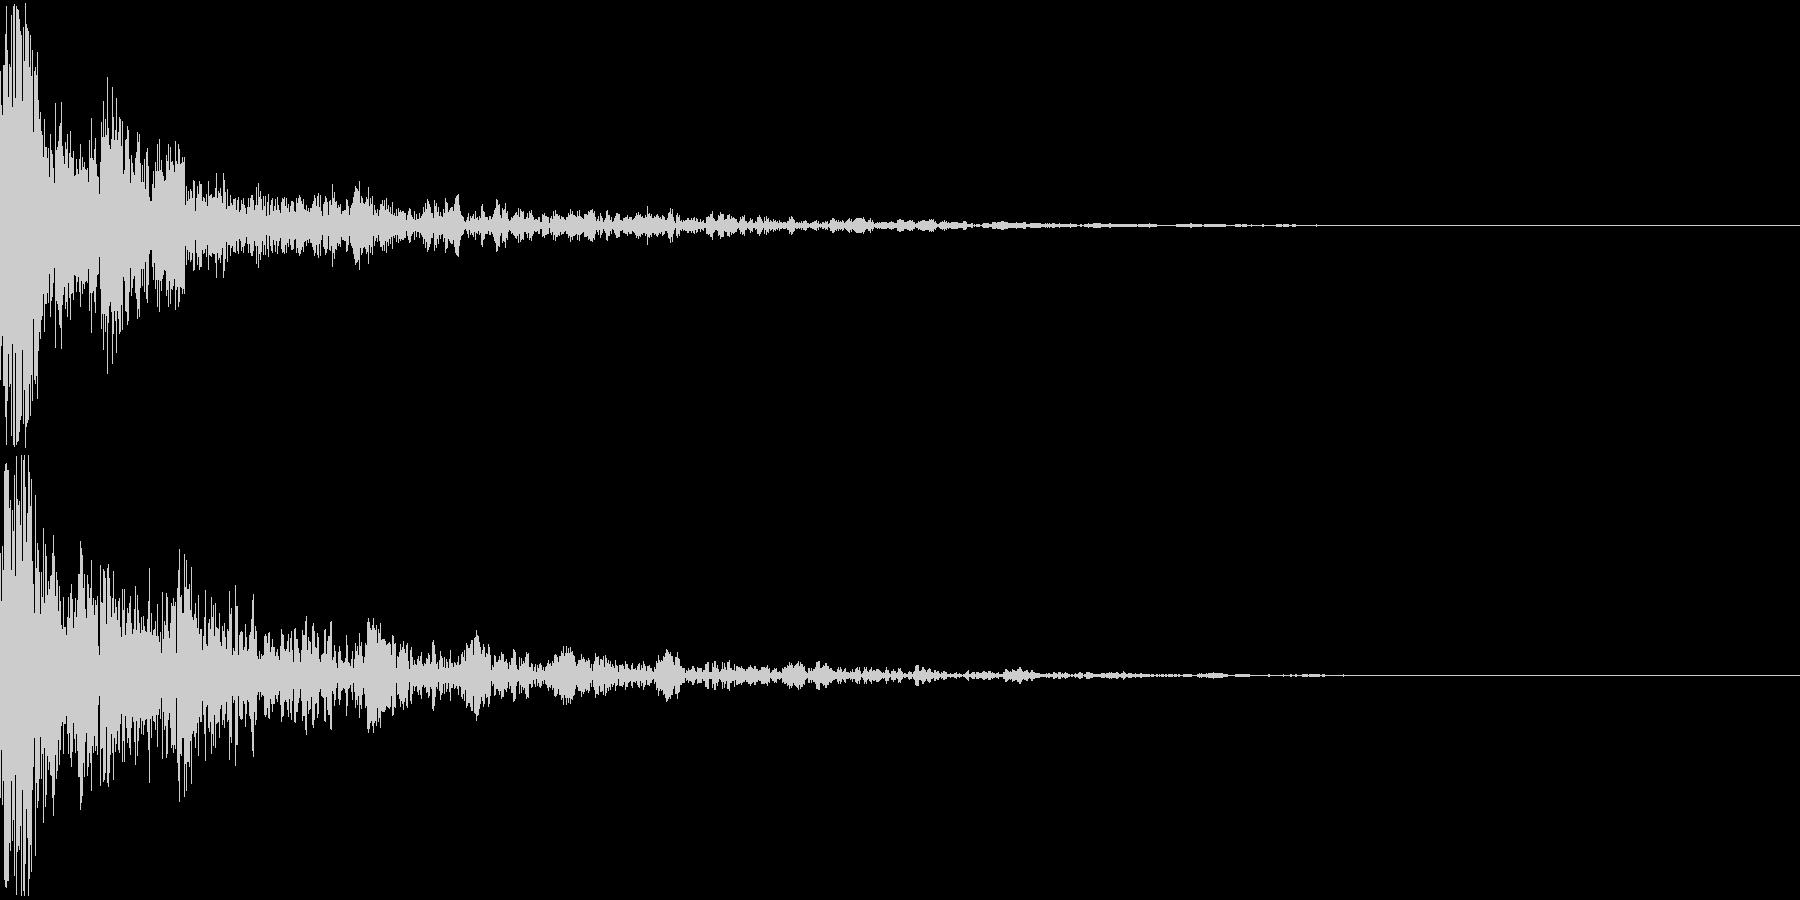 ドーン-21-2(インパクト音)の未再生の波形